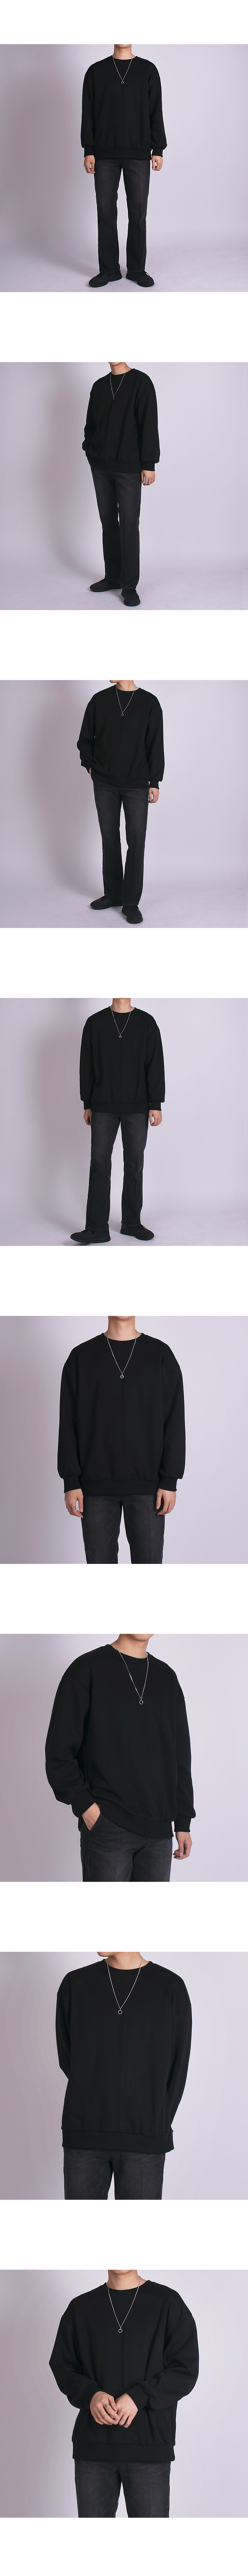 피넛 메탈 Necklace - 어벤, 15,500원, 실버, 펜던트목걸이